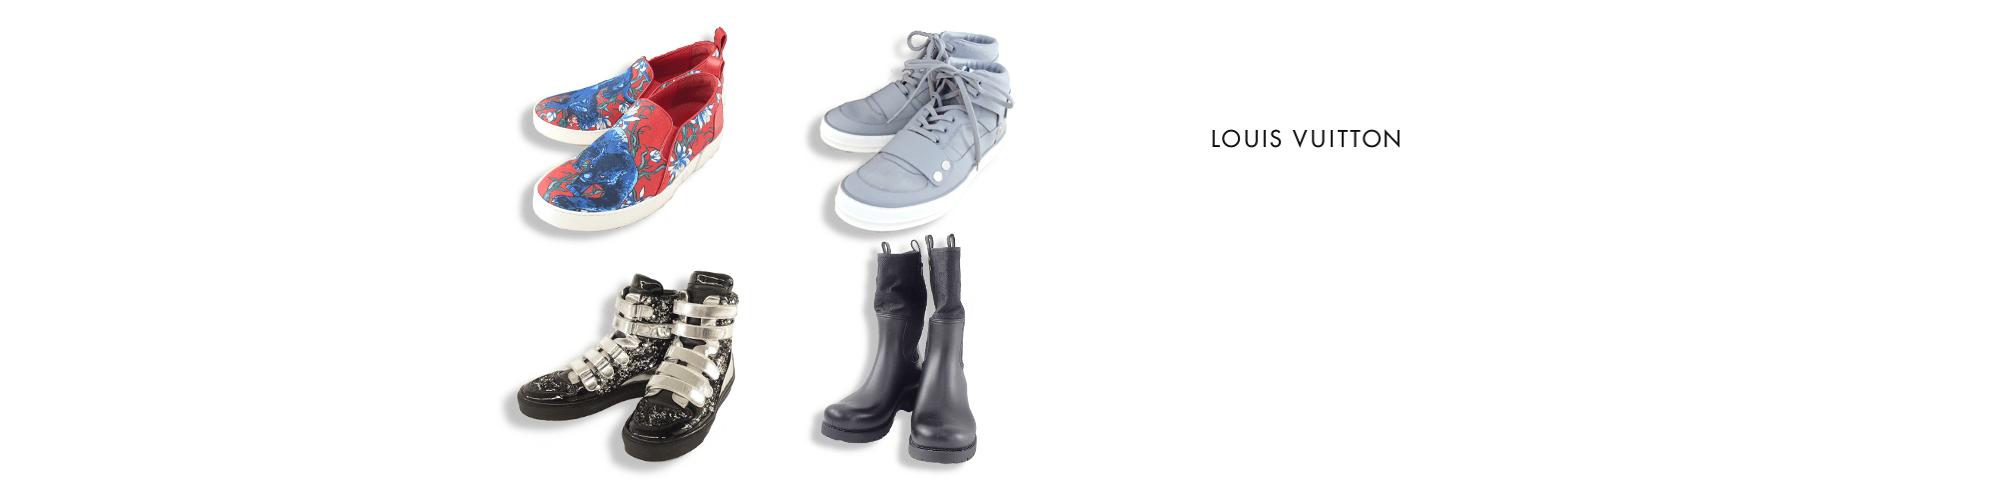 ルイヴィトンのルイヴィトン靴買取の高価買取ならお任せ下さい。